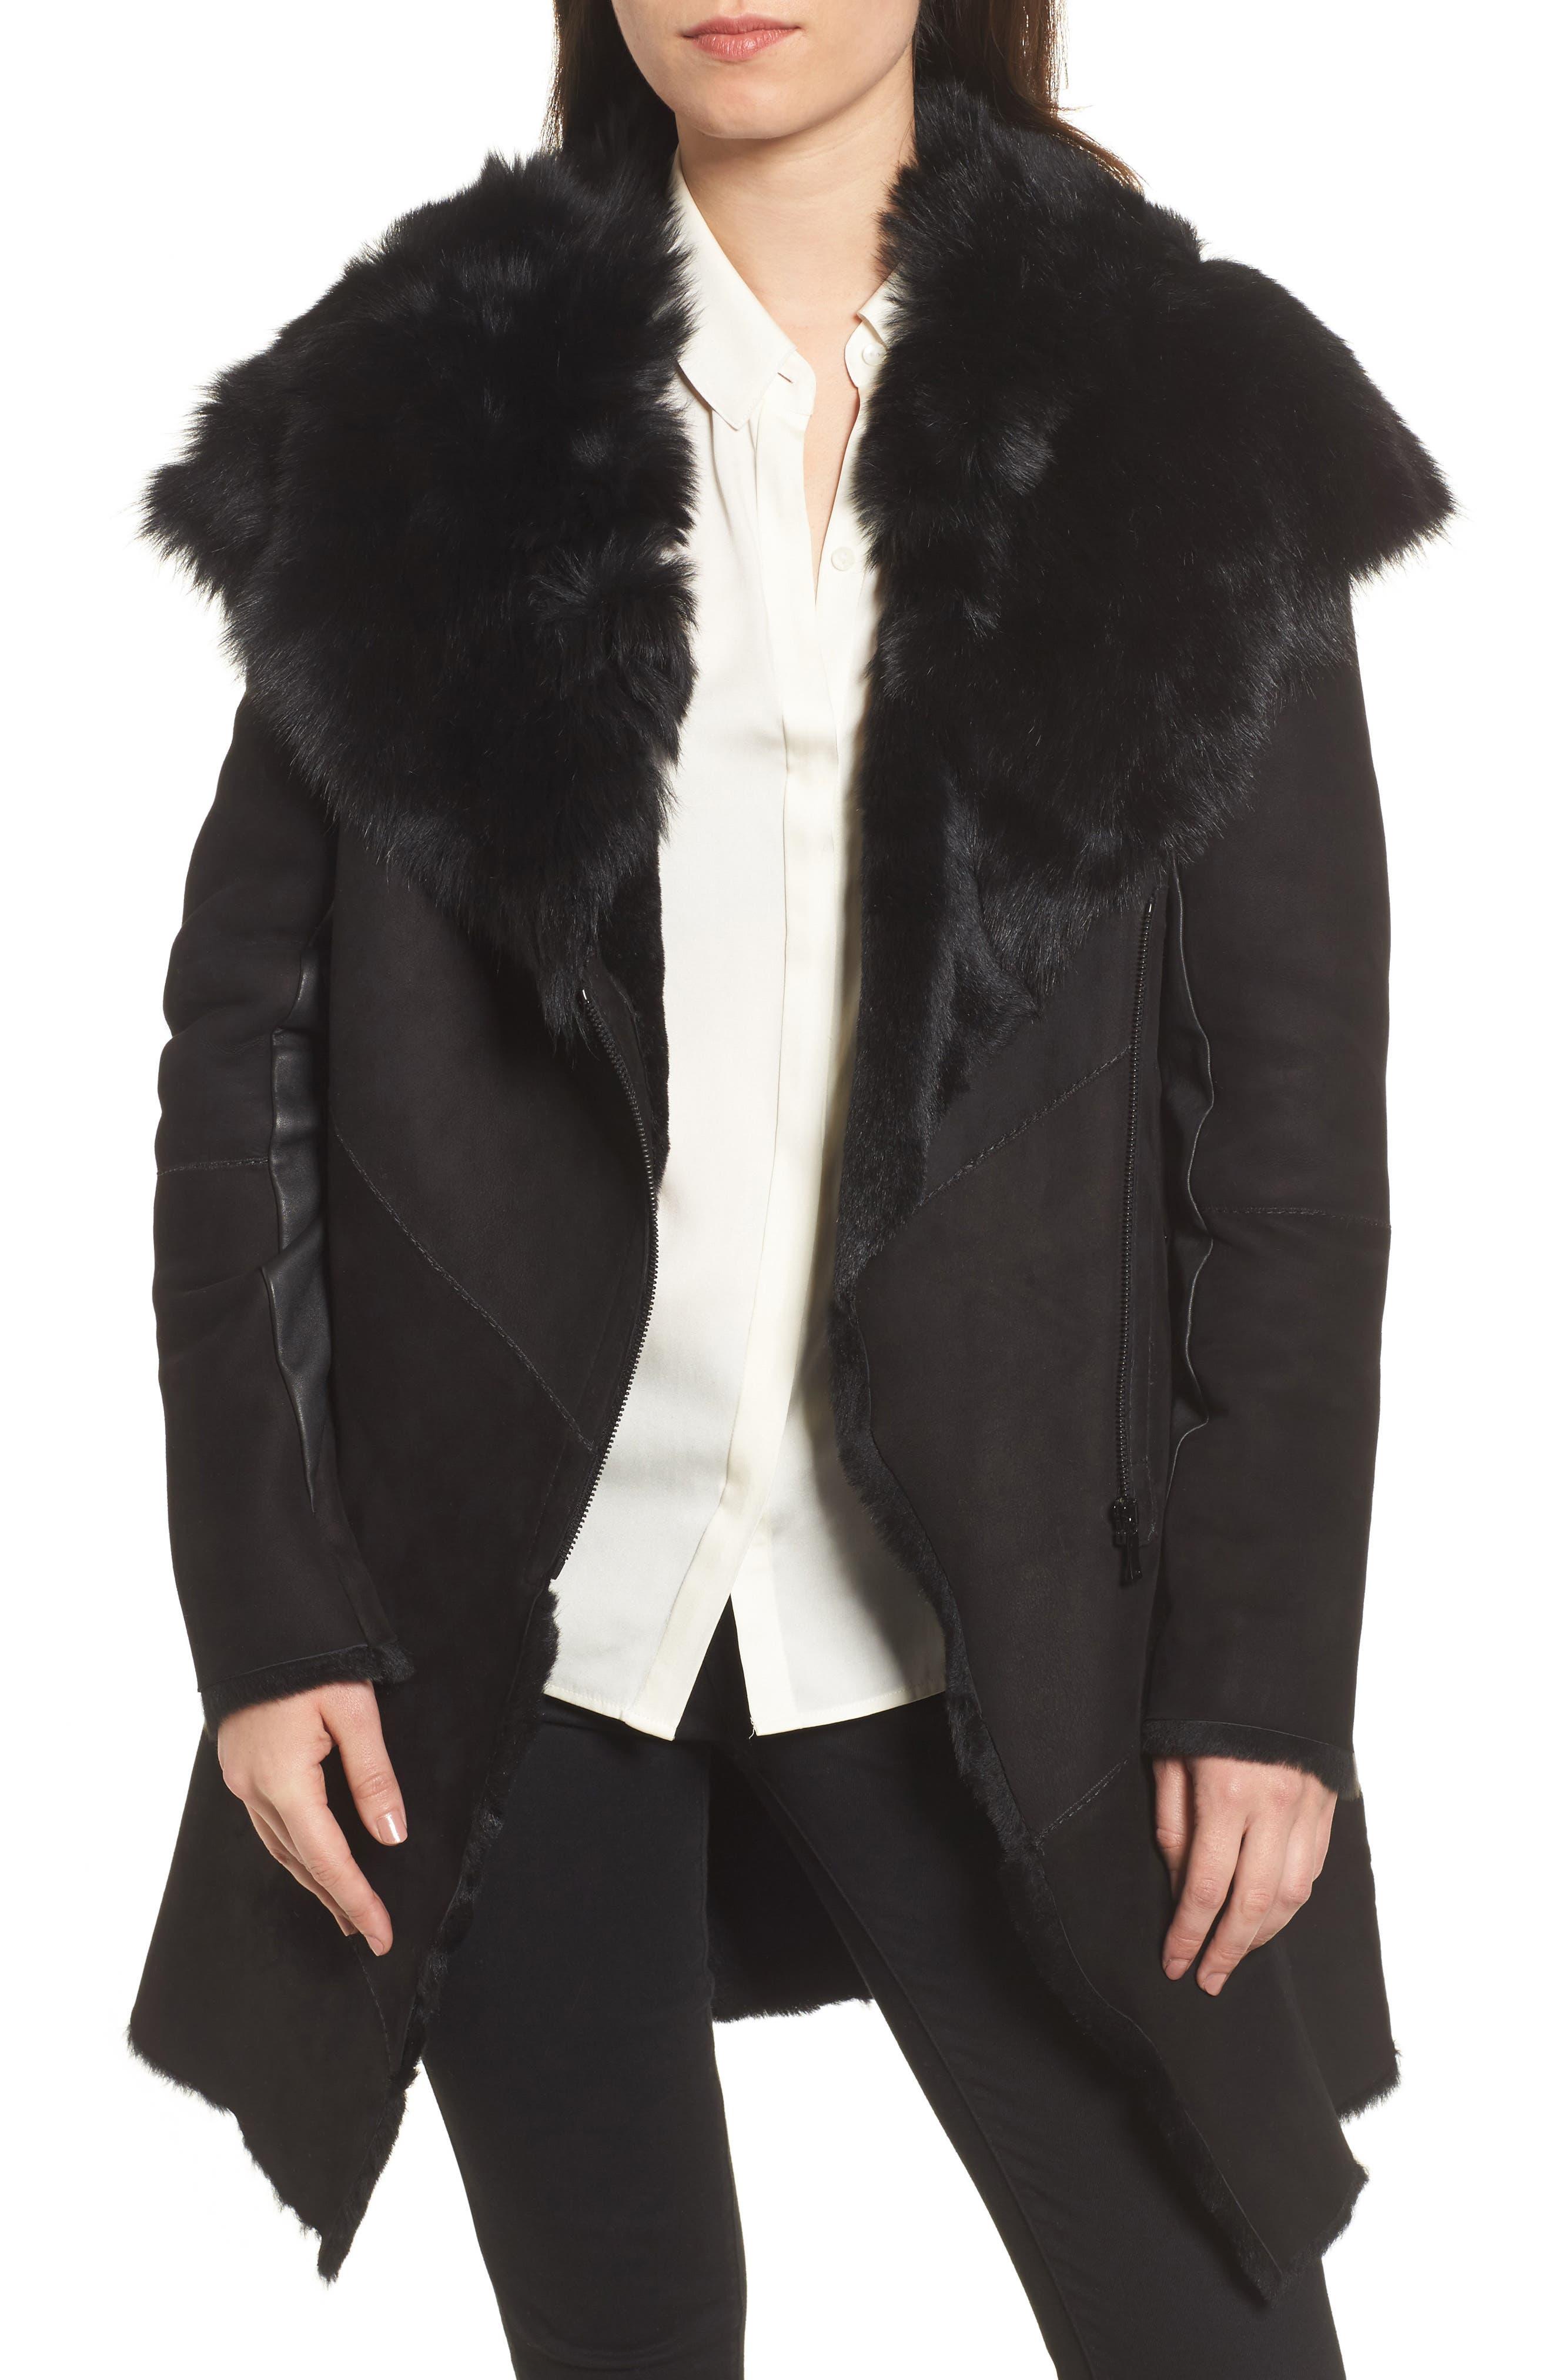 Black shearling coat long